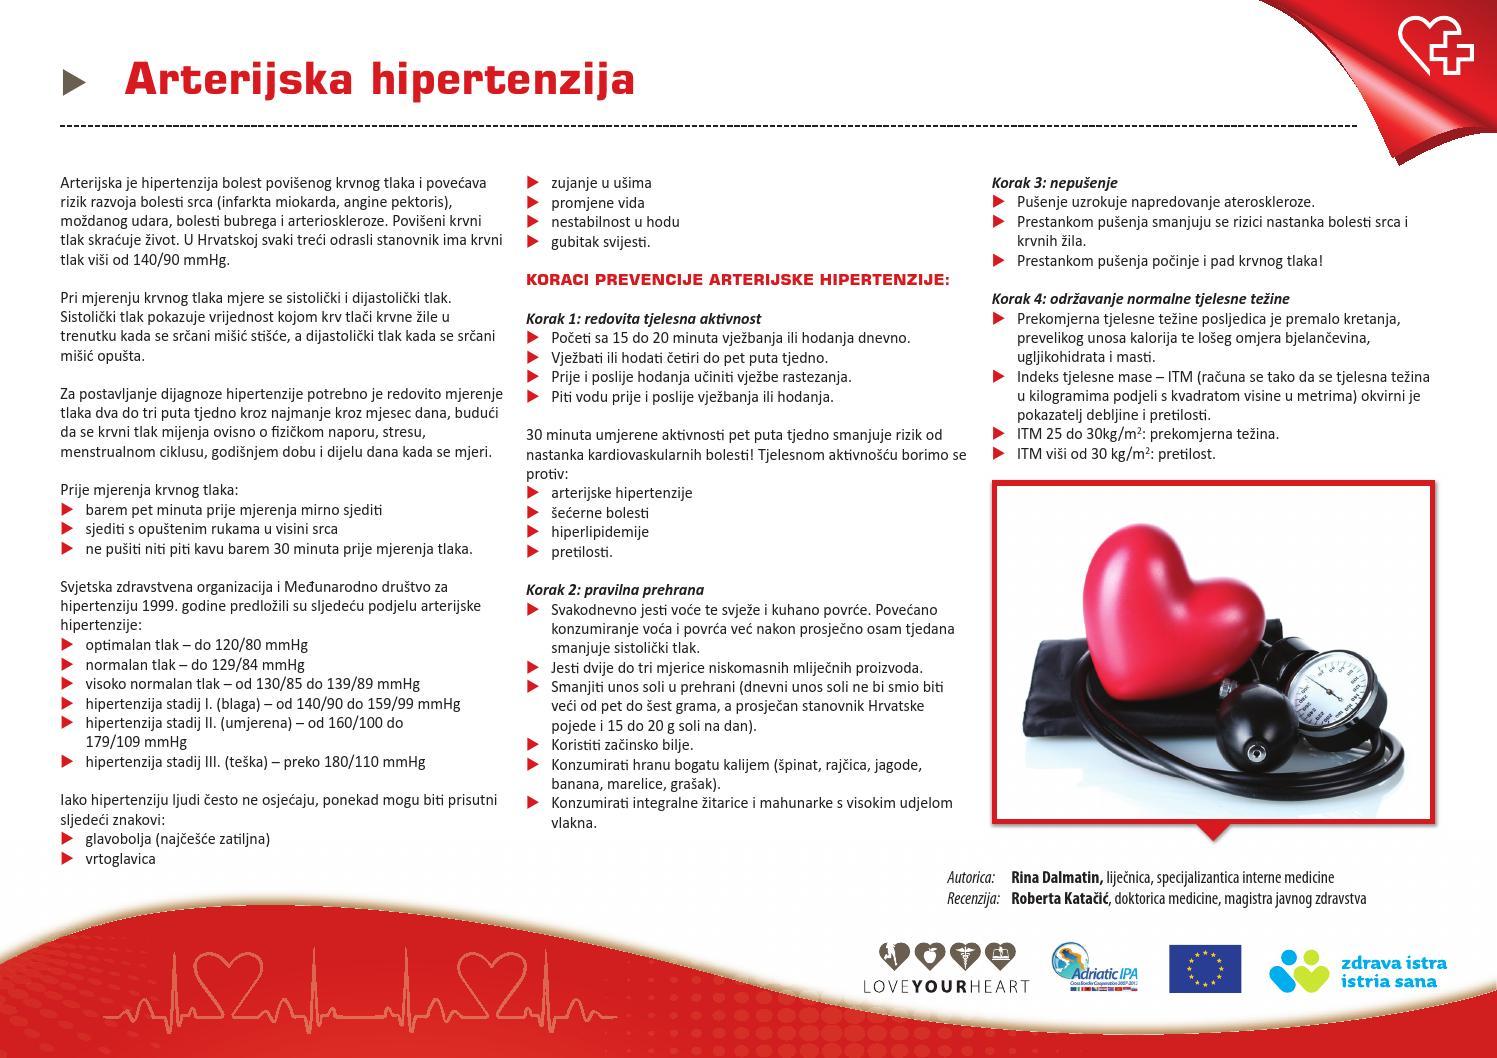 uzrok hipertenzije i kako popraviti hipertenzije, ishemije od liječenja